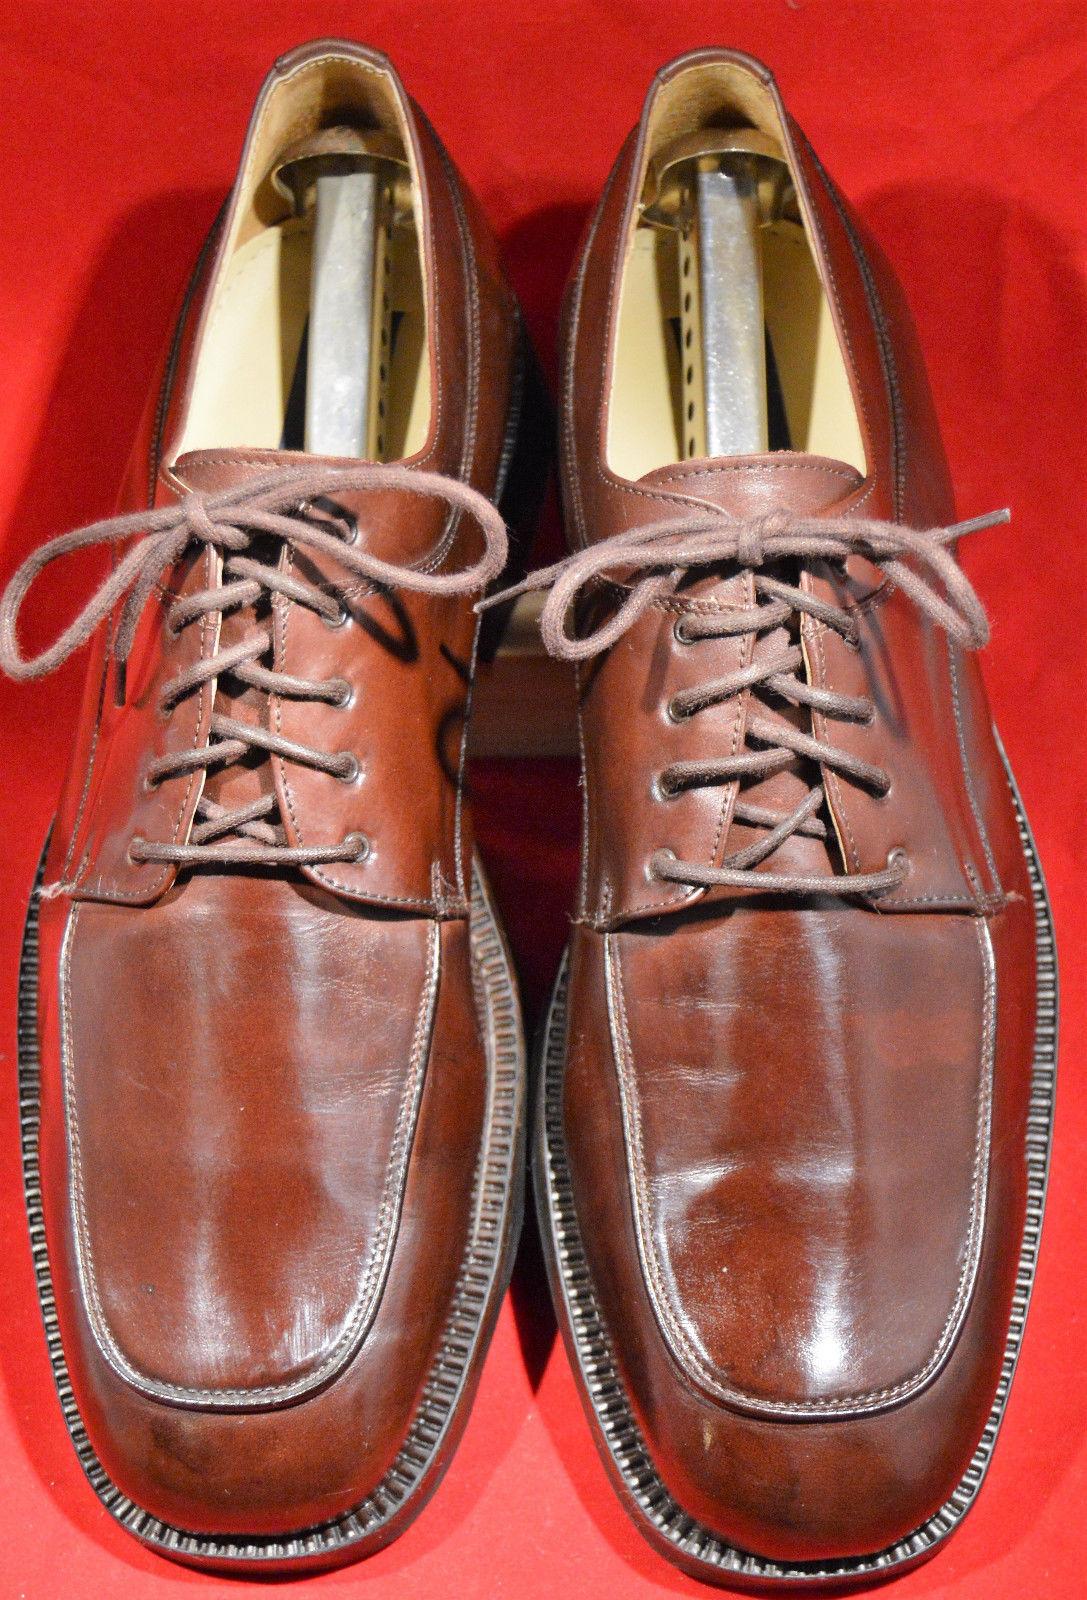 liquidazione uomo uomo uomo scarpe, GIORGIO BRUTINI, Marrone OXFORD, Dimensione10.5  prezzo ragionevole